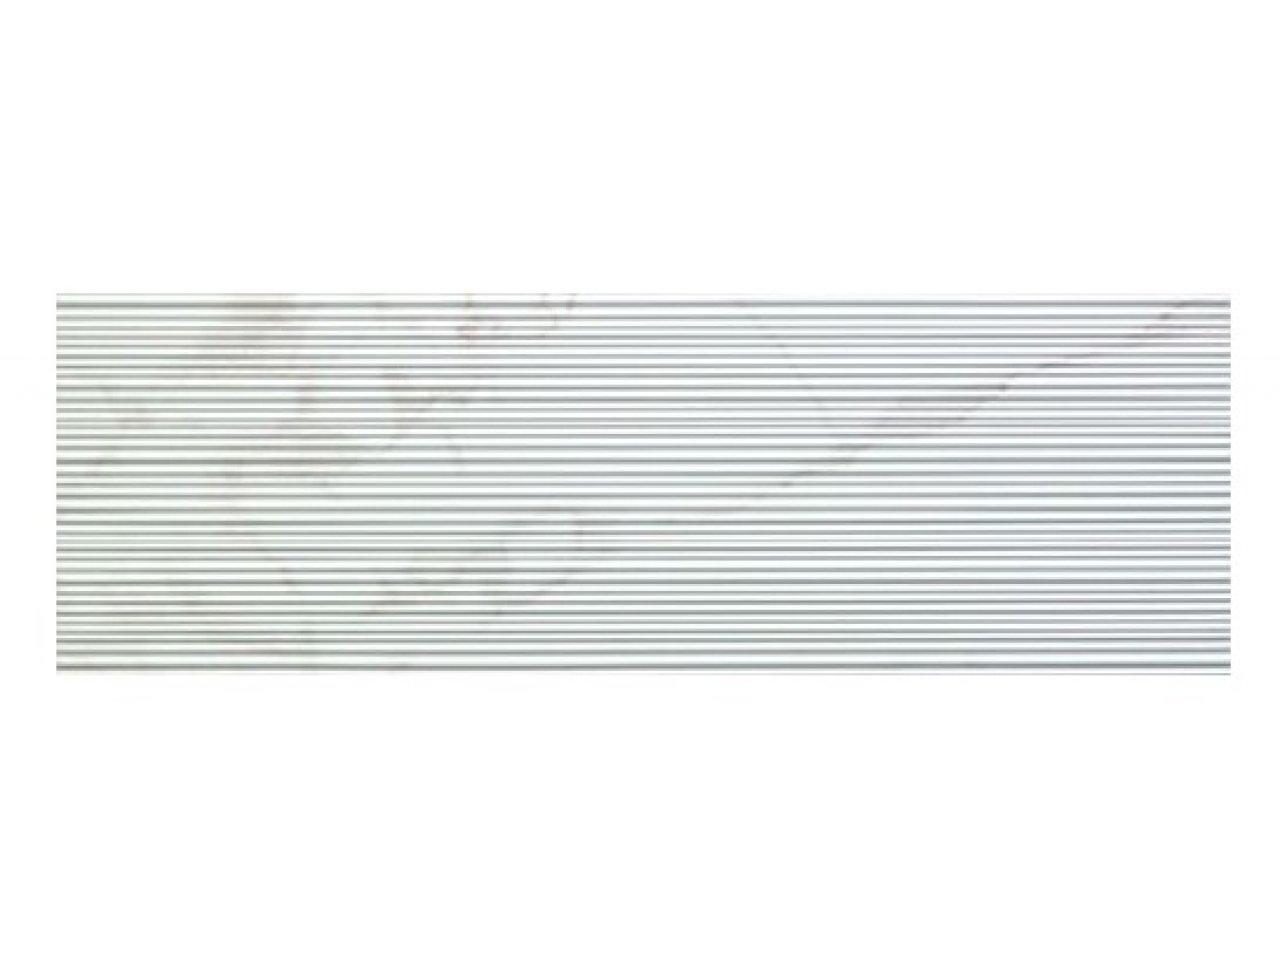 Настенная плитка FAP Roma Filo Calacatta 75 x 25 см, Арт. fLST